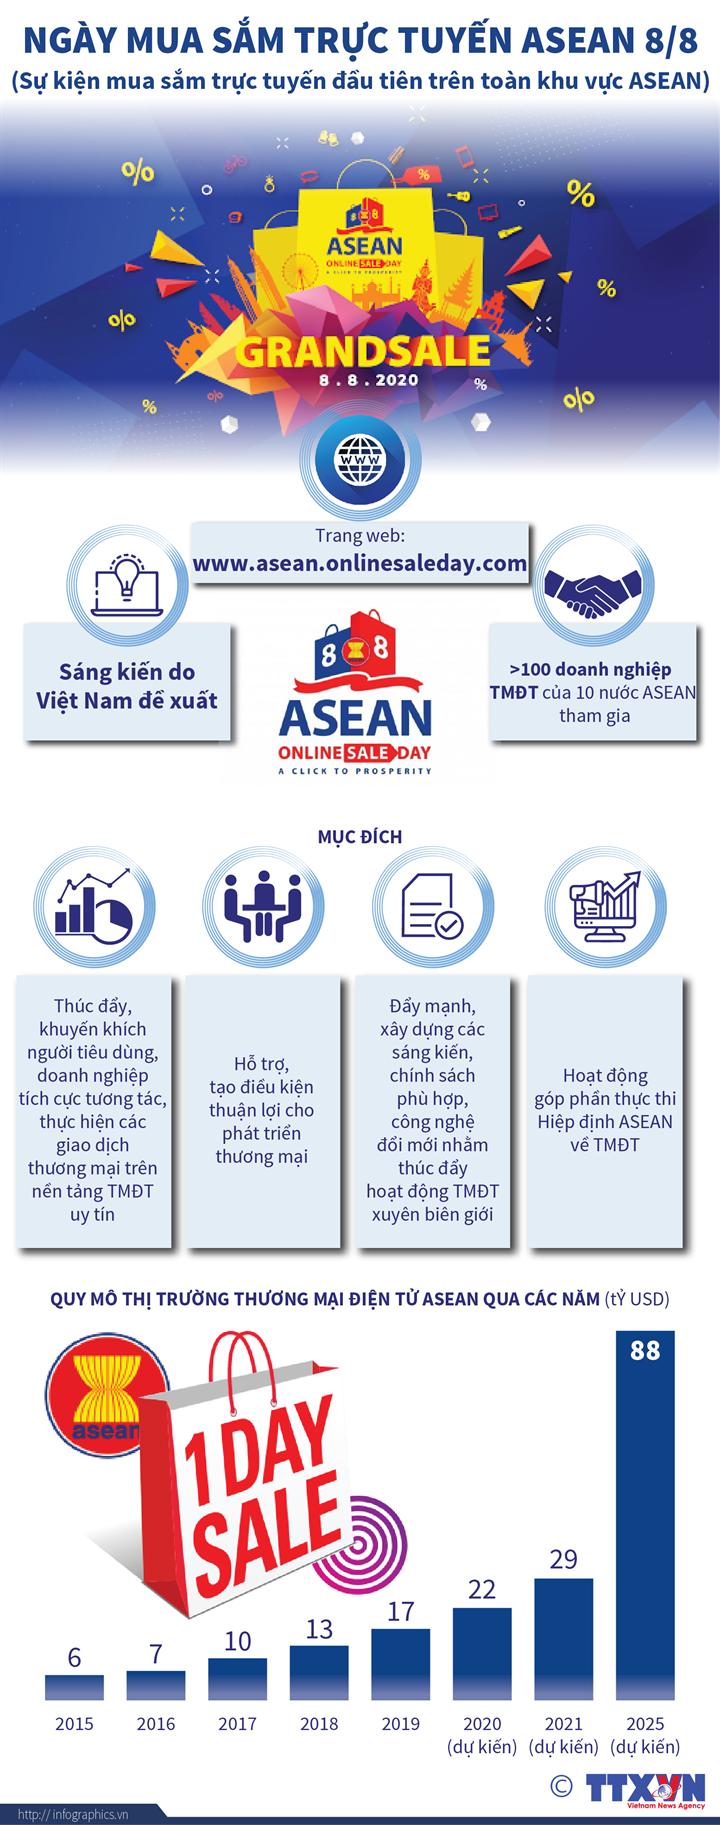 Ngày mua sắm trực tuyến ASEAN 8/8: Sự kiện mua sắm trực tuyến đầu tiên trên toàn khu vực ASEAN